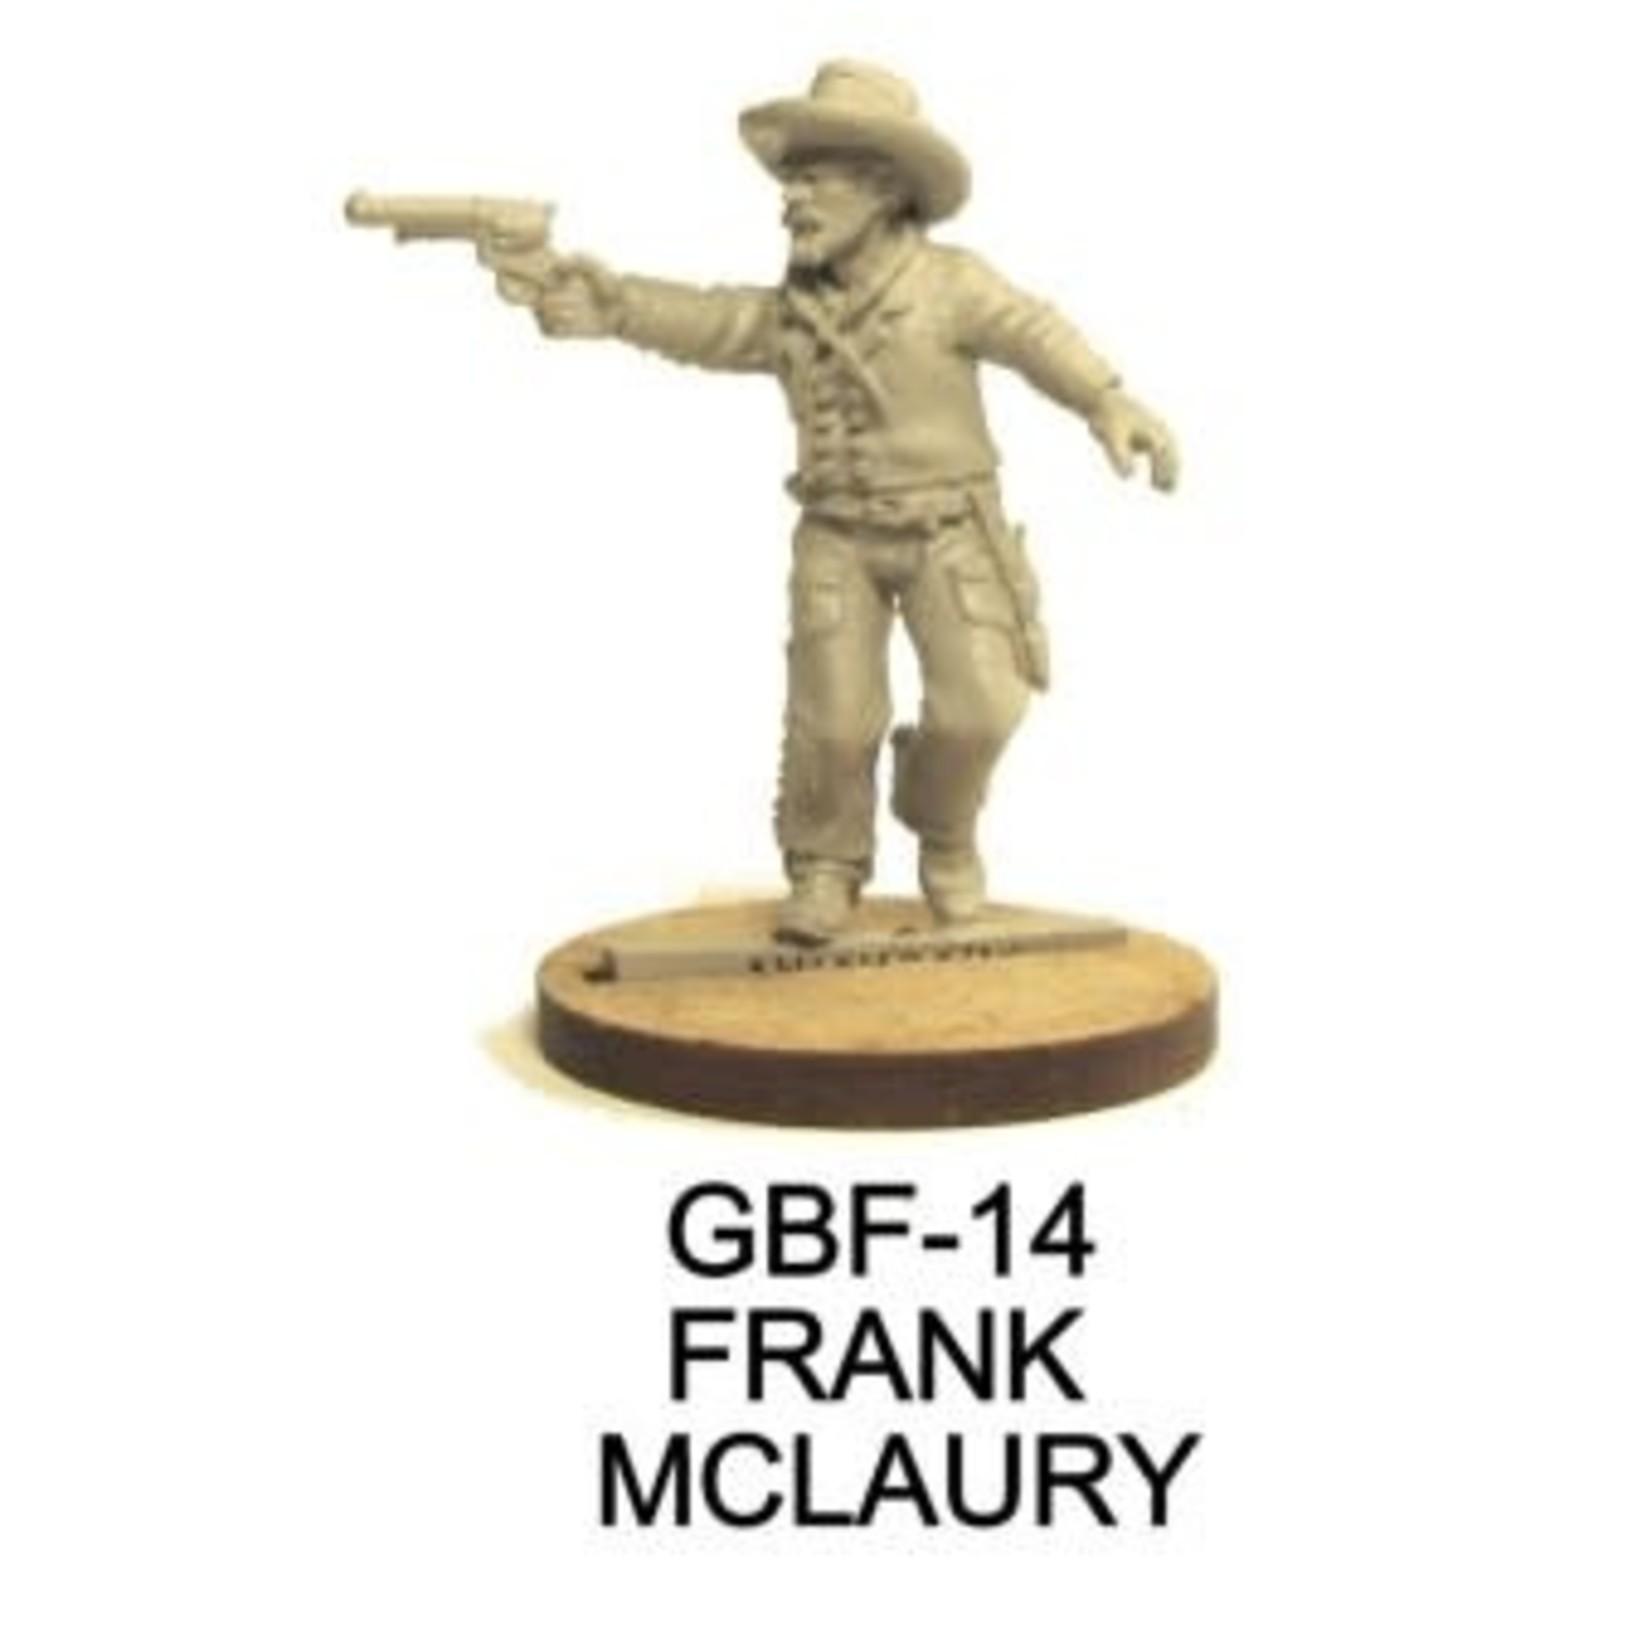 Frank McLaury